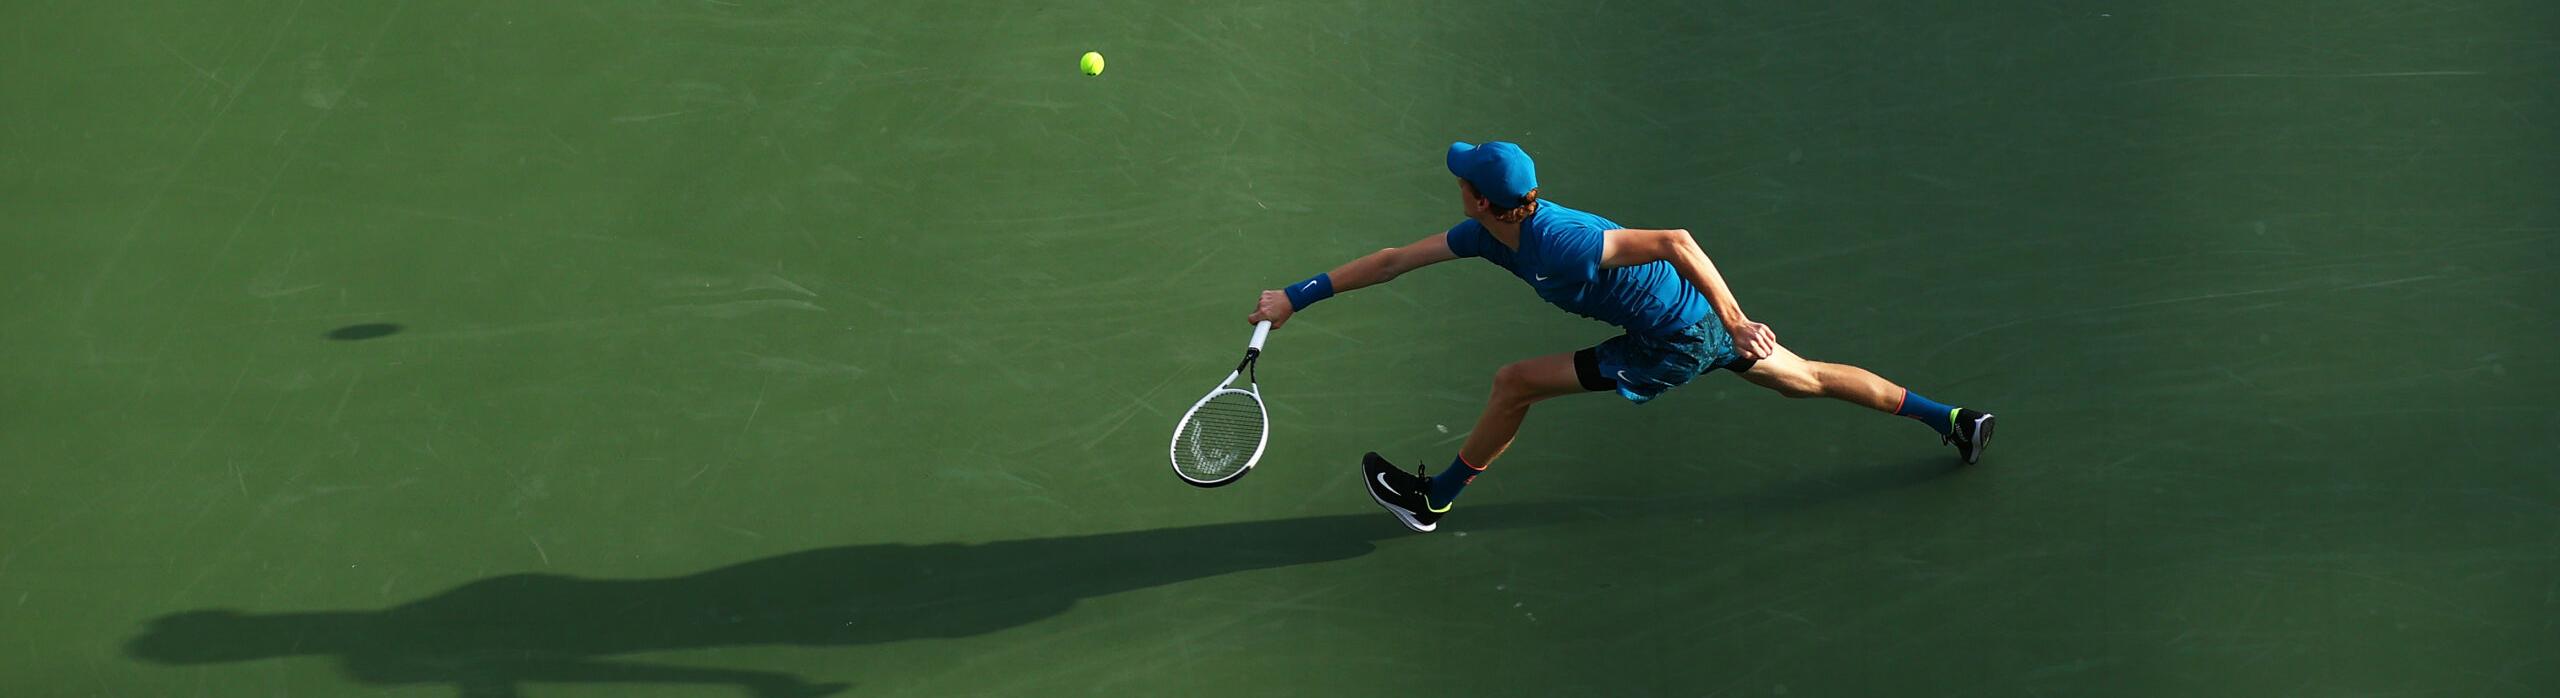 Pronostici Tennis Miami Open: si rinnova la sfida Sinner-Khachanov, 3 consigli per il day 5